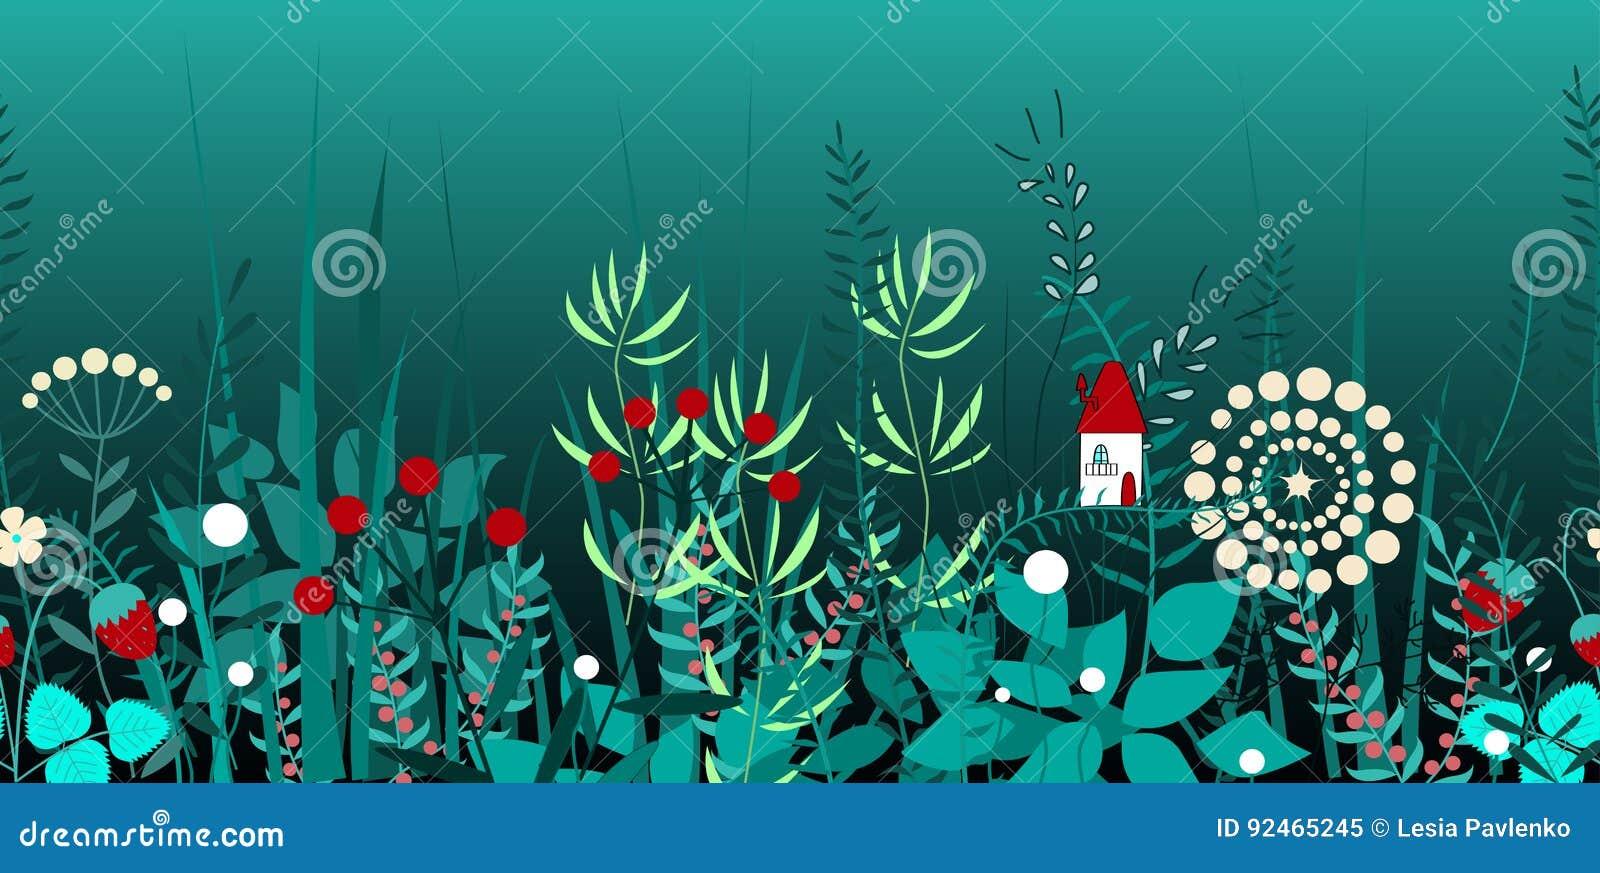 Wektorowa bezszwowa granica z las roślinami i czarodziejka dom, Tło dla ram, dekoracyjna scotch taśma, książki, dzieciaki